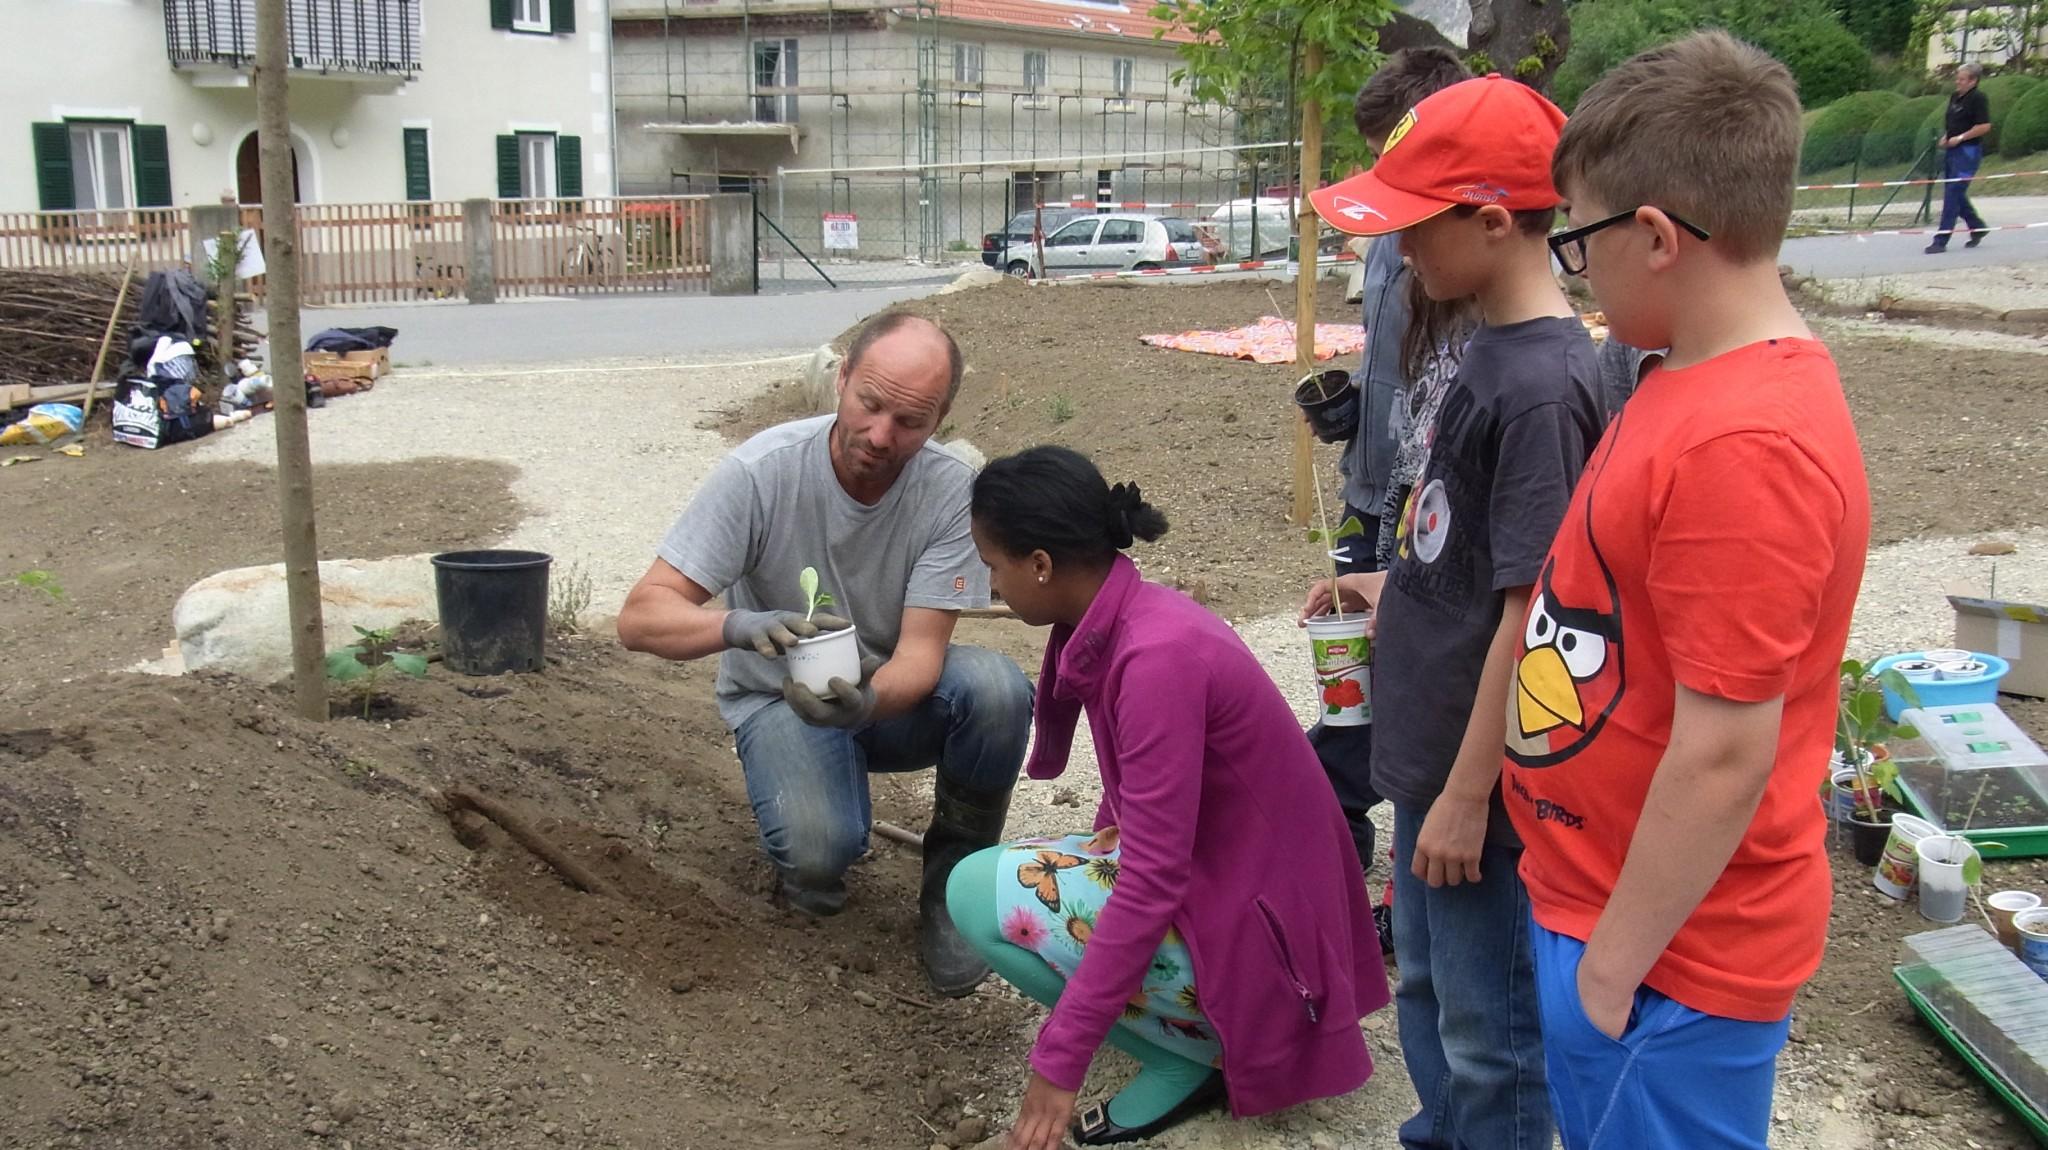 """Schulgartenprojekt der VS Peggau in Kooparation mit dem """"Garten für ALLE"""" der Firmengruppe Zuser in Peggau"""